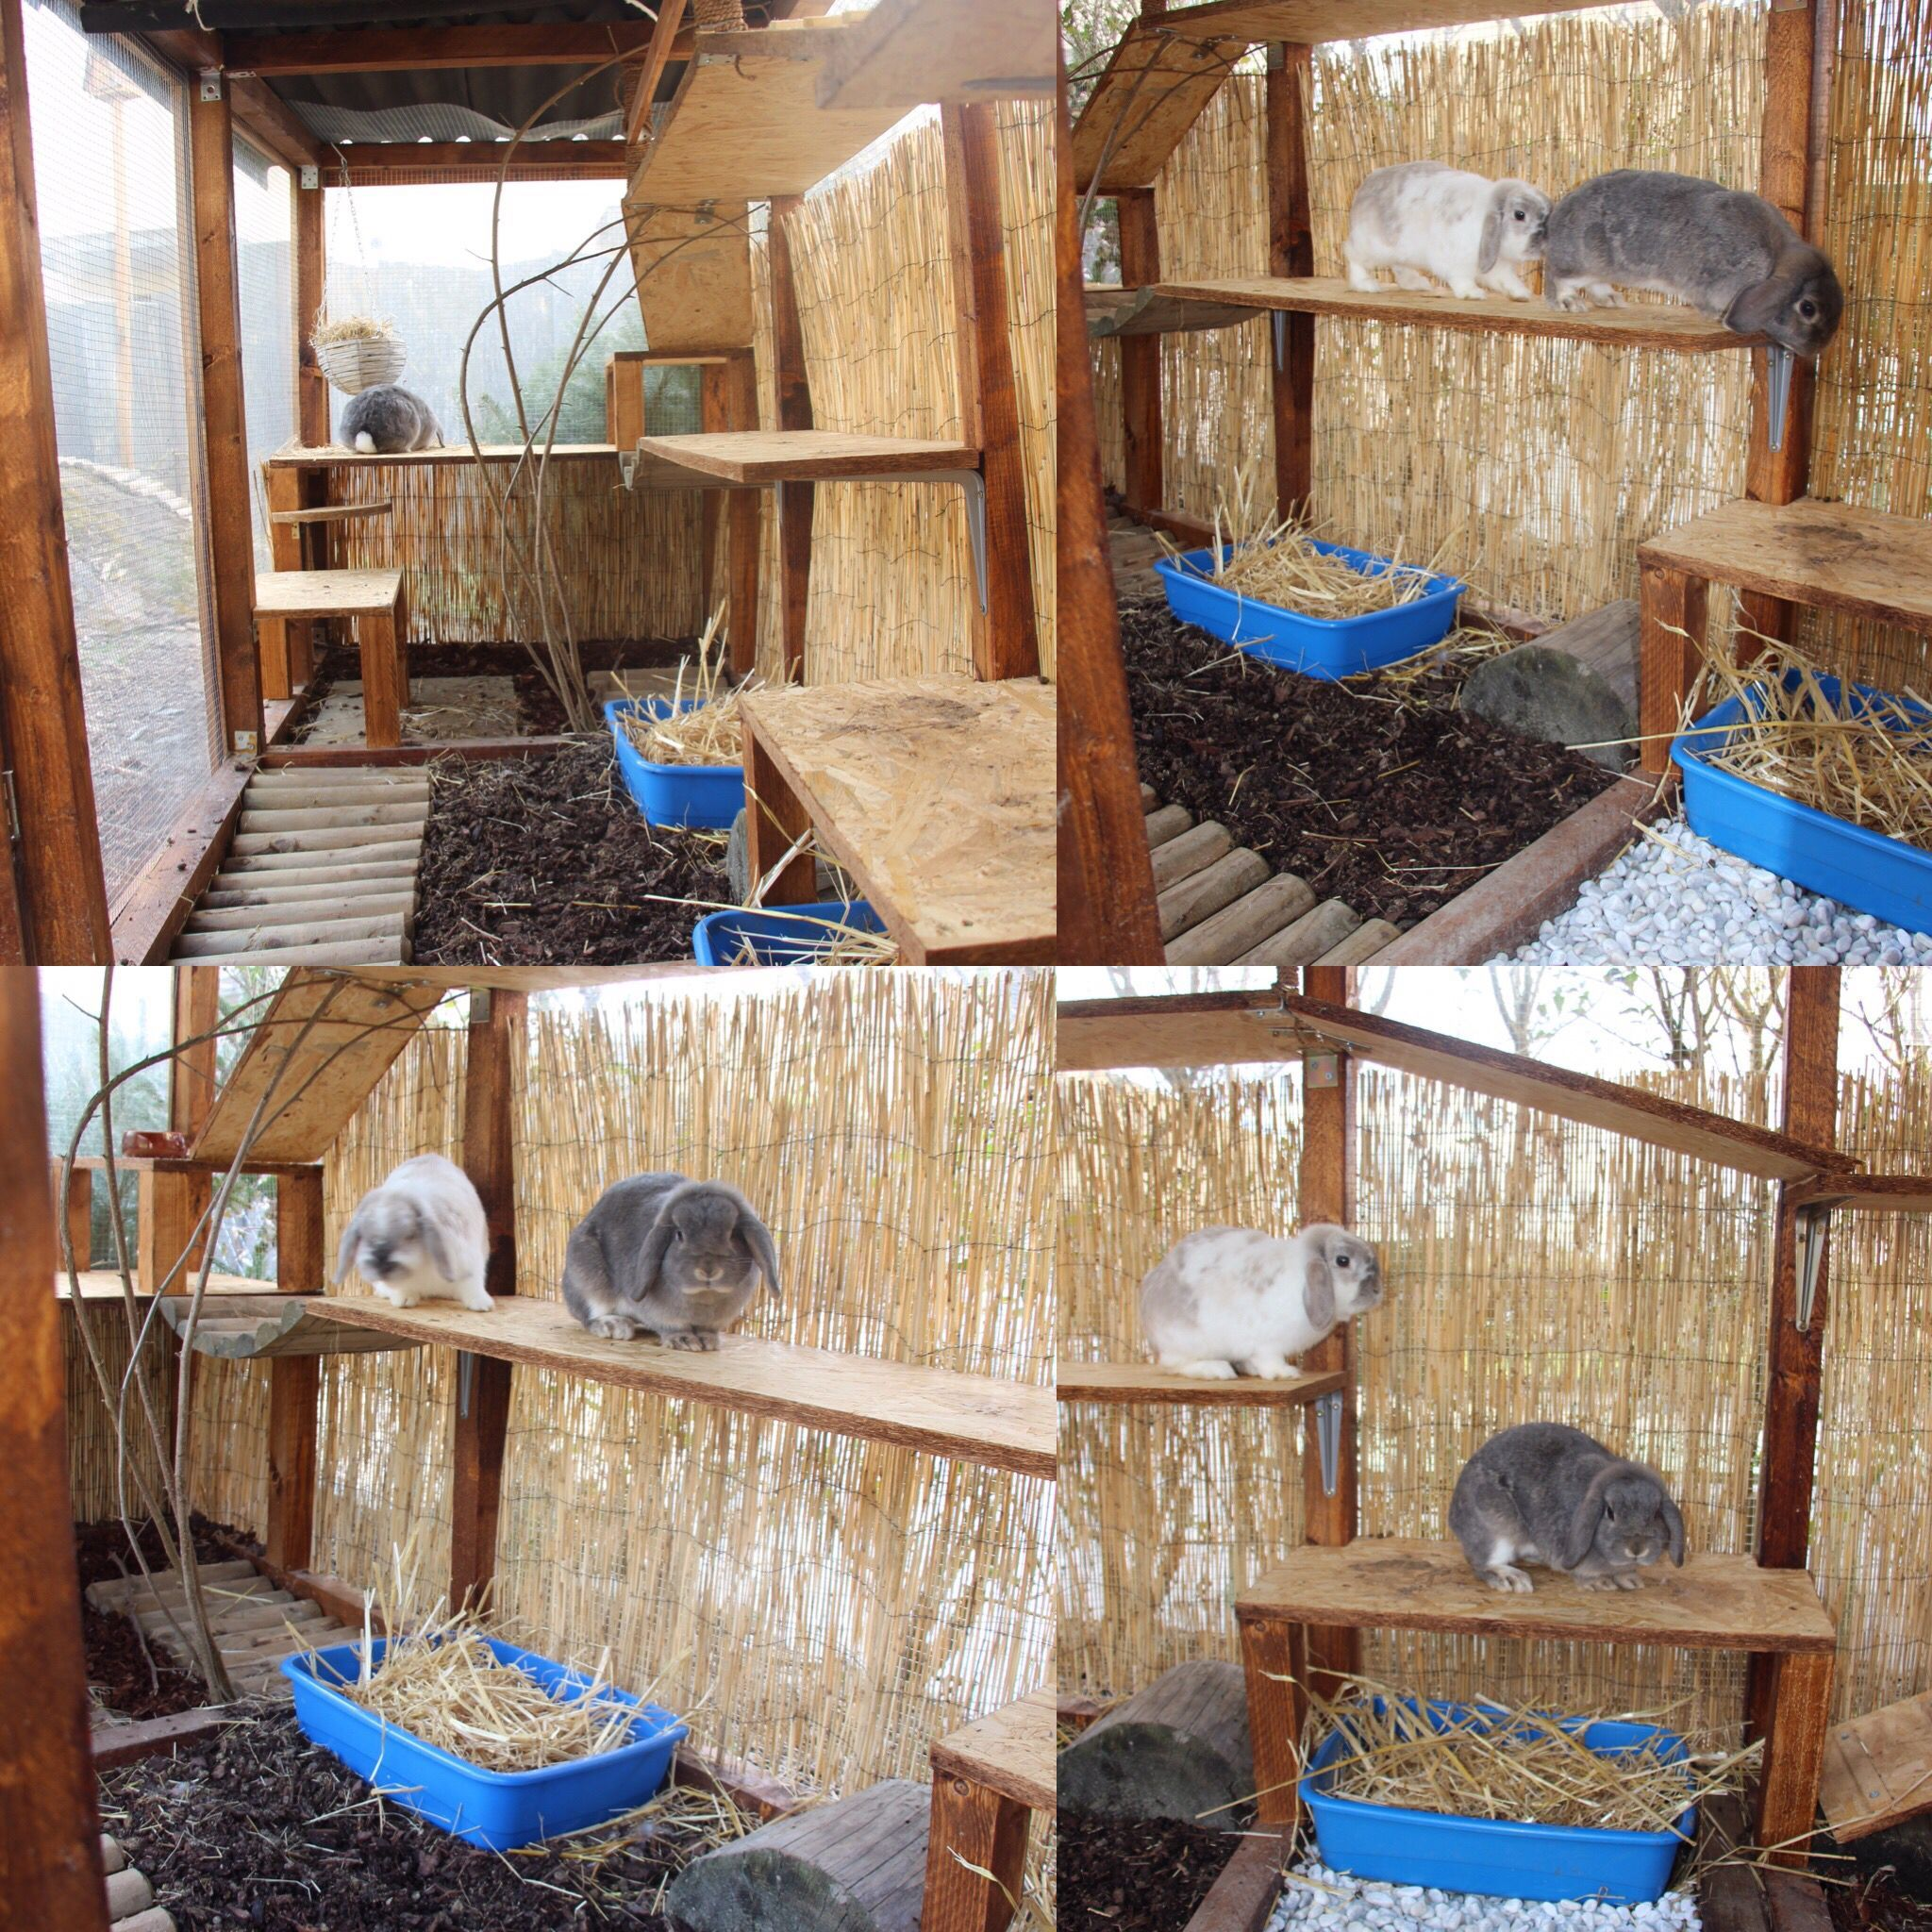 bildergebnis für spielzeug für kaninchen selber bauen | lilly